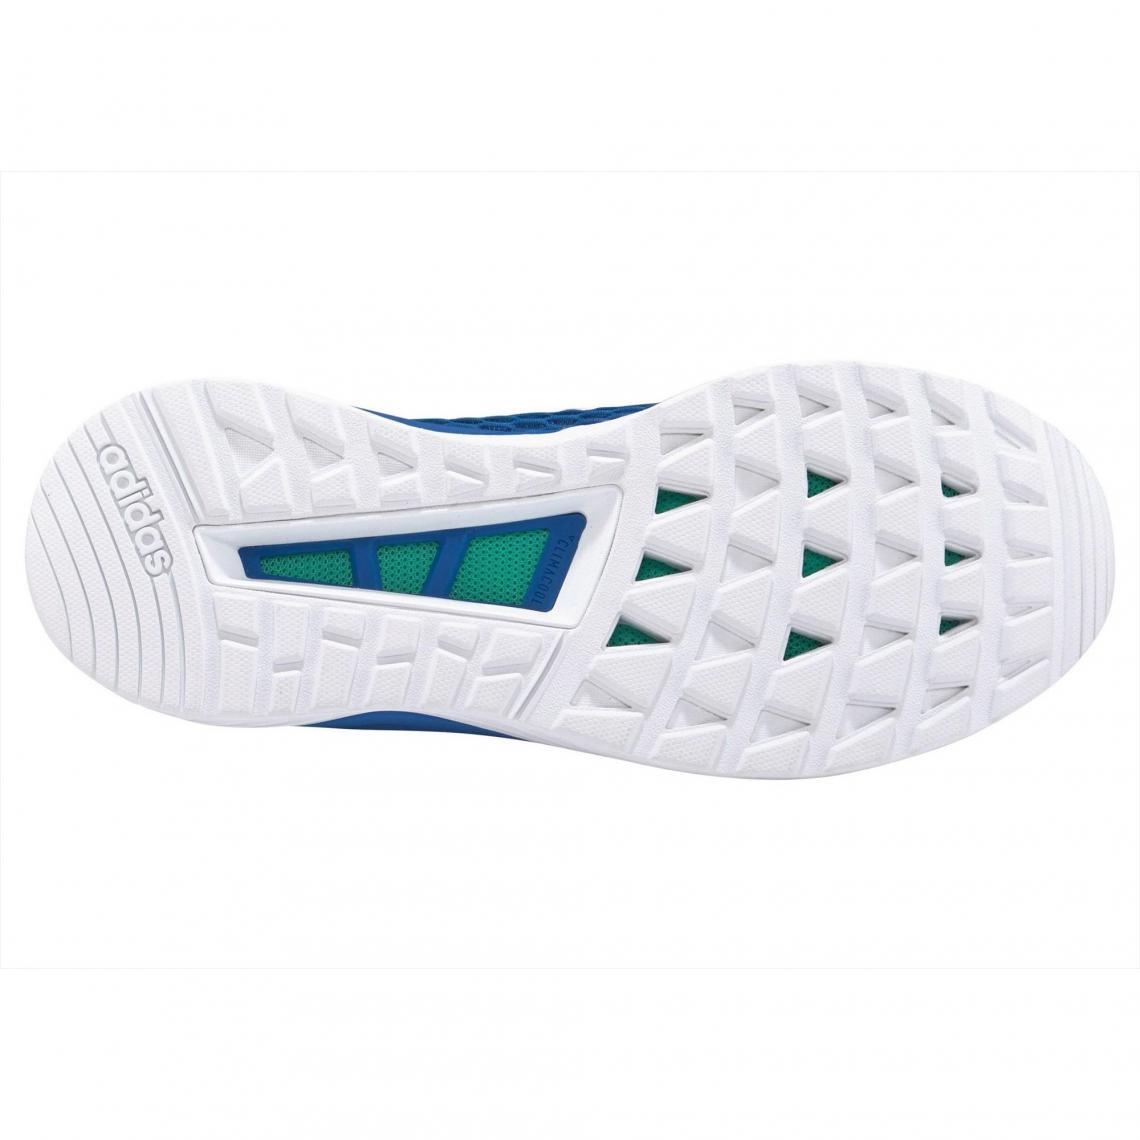 the latest c98ad ef004 Baskettes homme Questar CC par Adidas - Bleu - Blanc Adidas